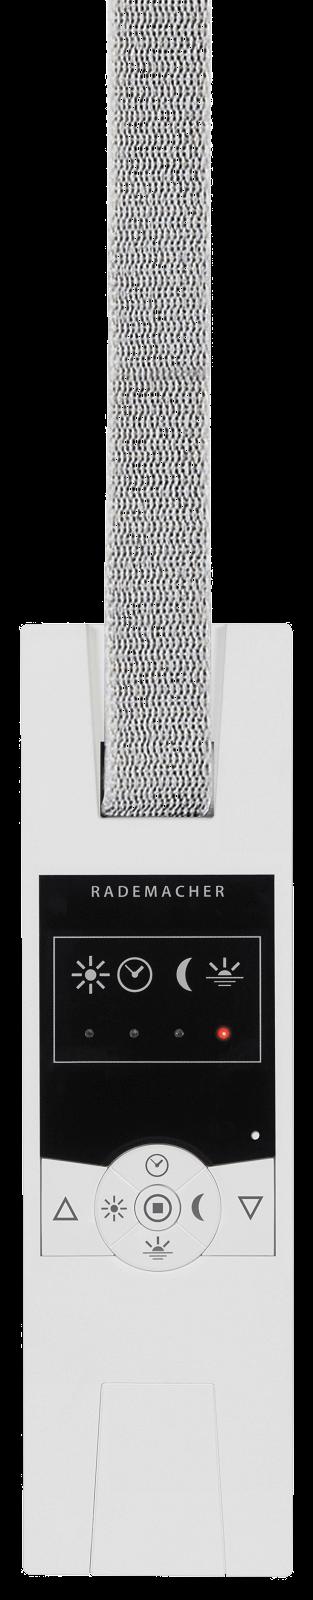 Rademacher Funk-Gurtwickler RolloTron Comfort in ultraweiß, Unterputz, mit Display, für Maxi-Gurte (15 mm Breite) DuoFern-Funk